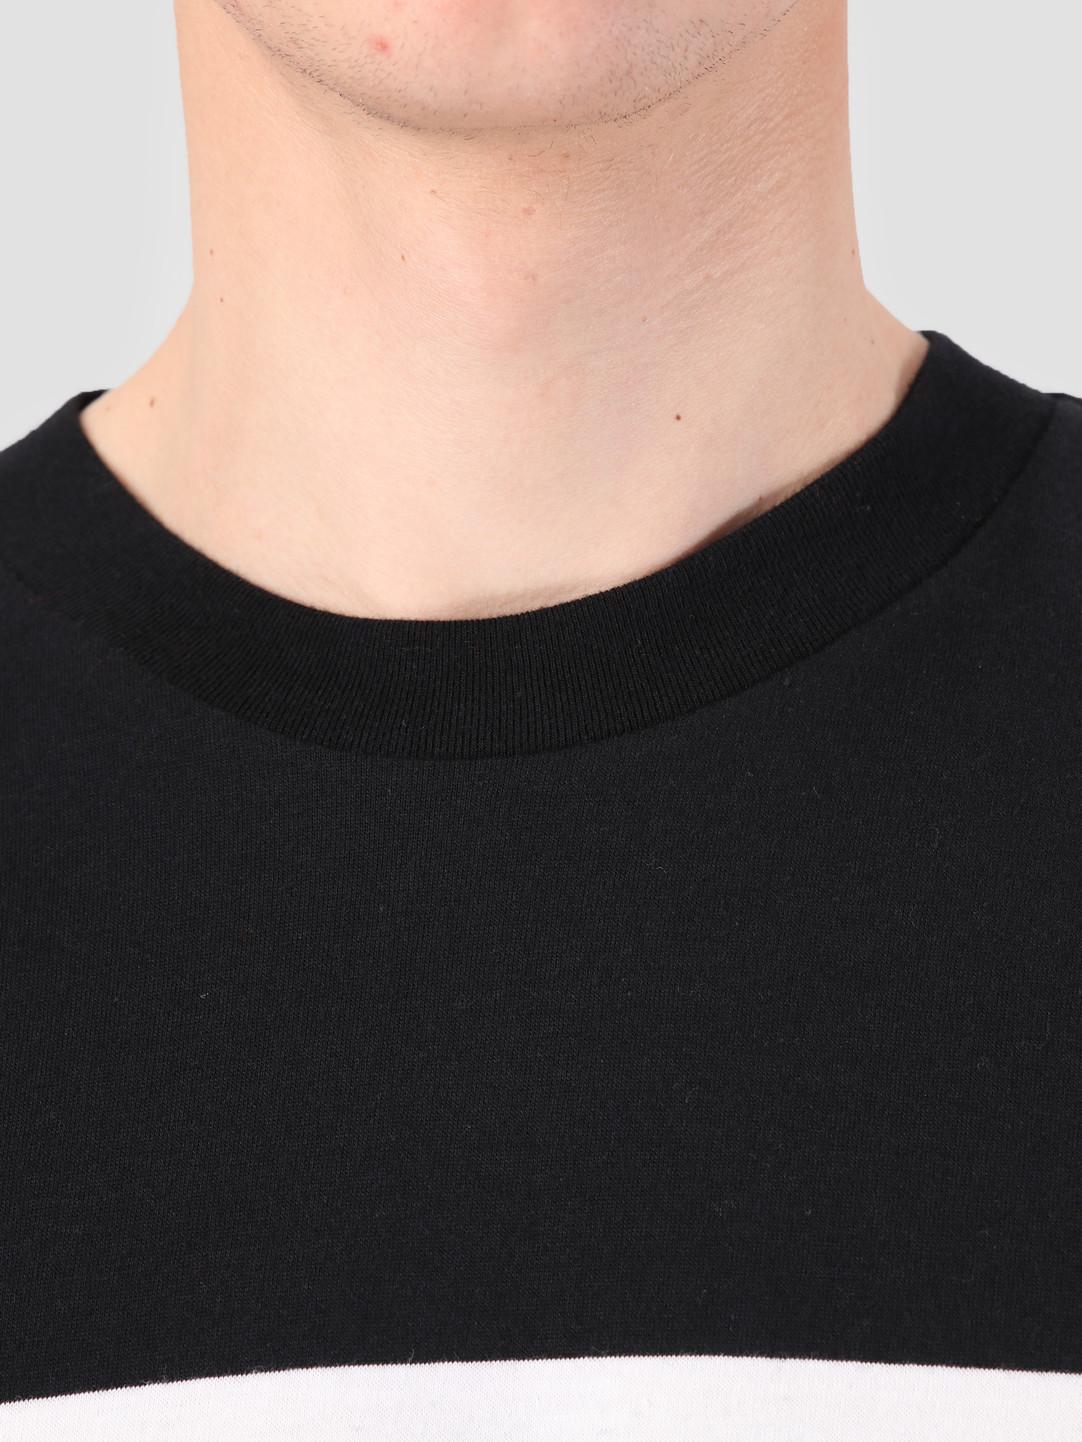 Obey Obey Charm Claic T-Shirt BKM 131080239